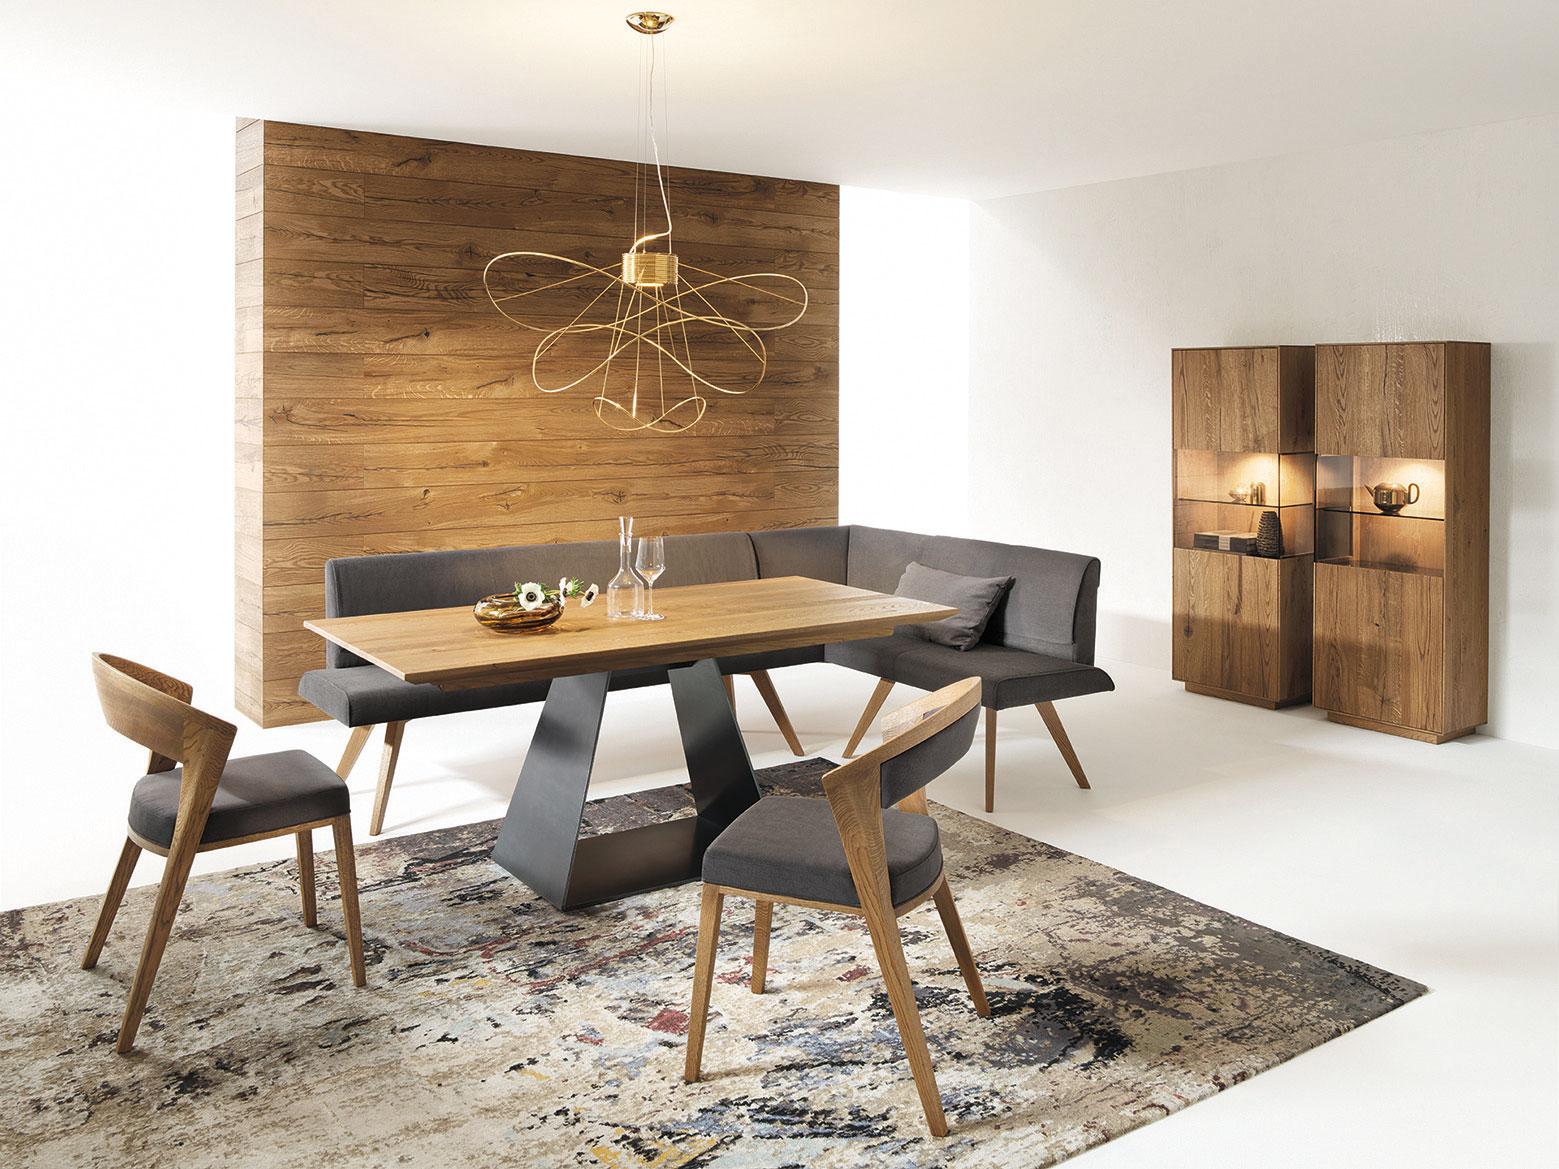 Design-Möbel von Anrei: Markenmöbel mit Stil bei Nöbauer